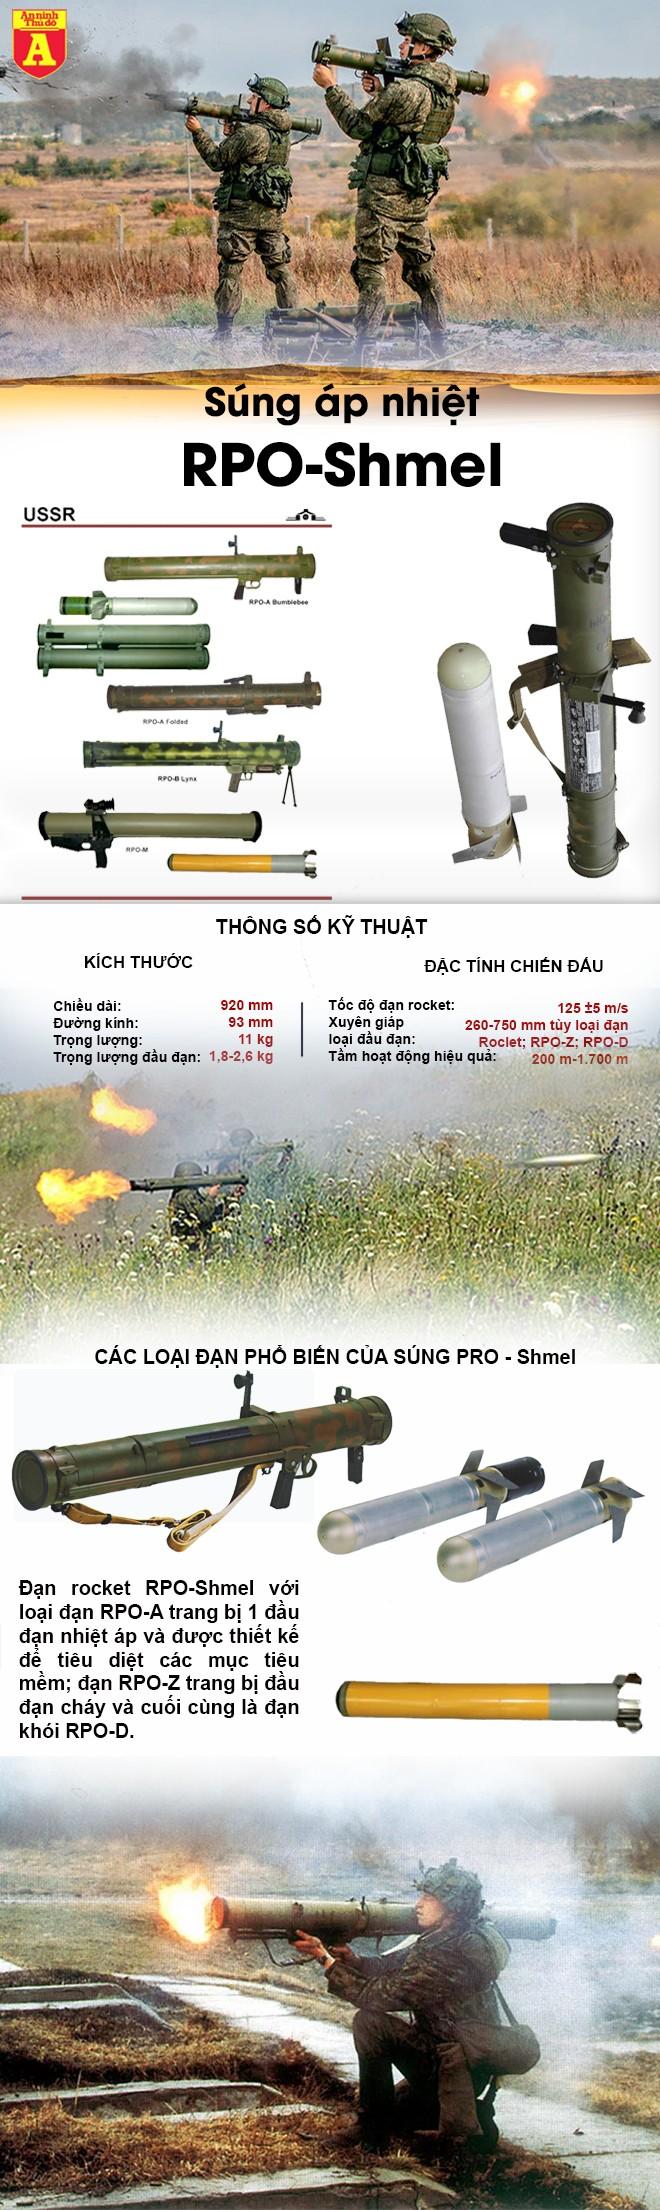 """[Infographic] RPO-Shmel-""""Loại hỏa thần"""" cầm tay của Nga khiến IS phải trồi lên đầu hàng ảnh 2"""